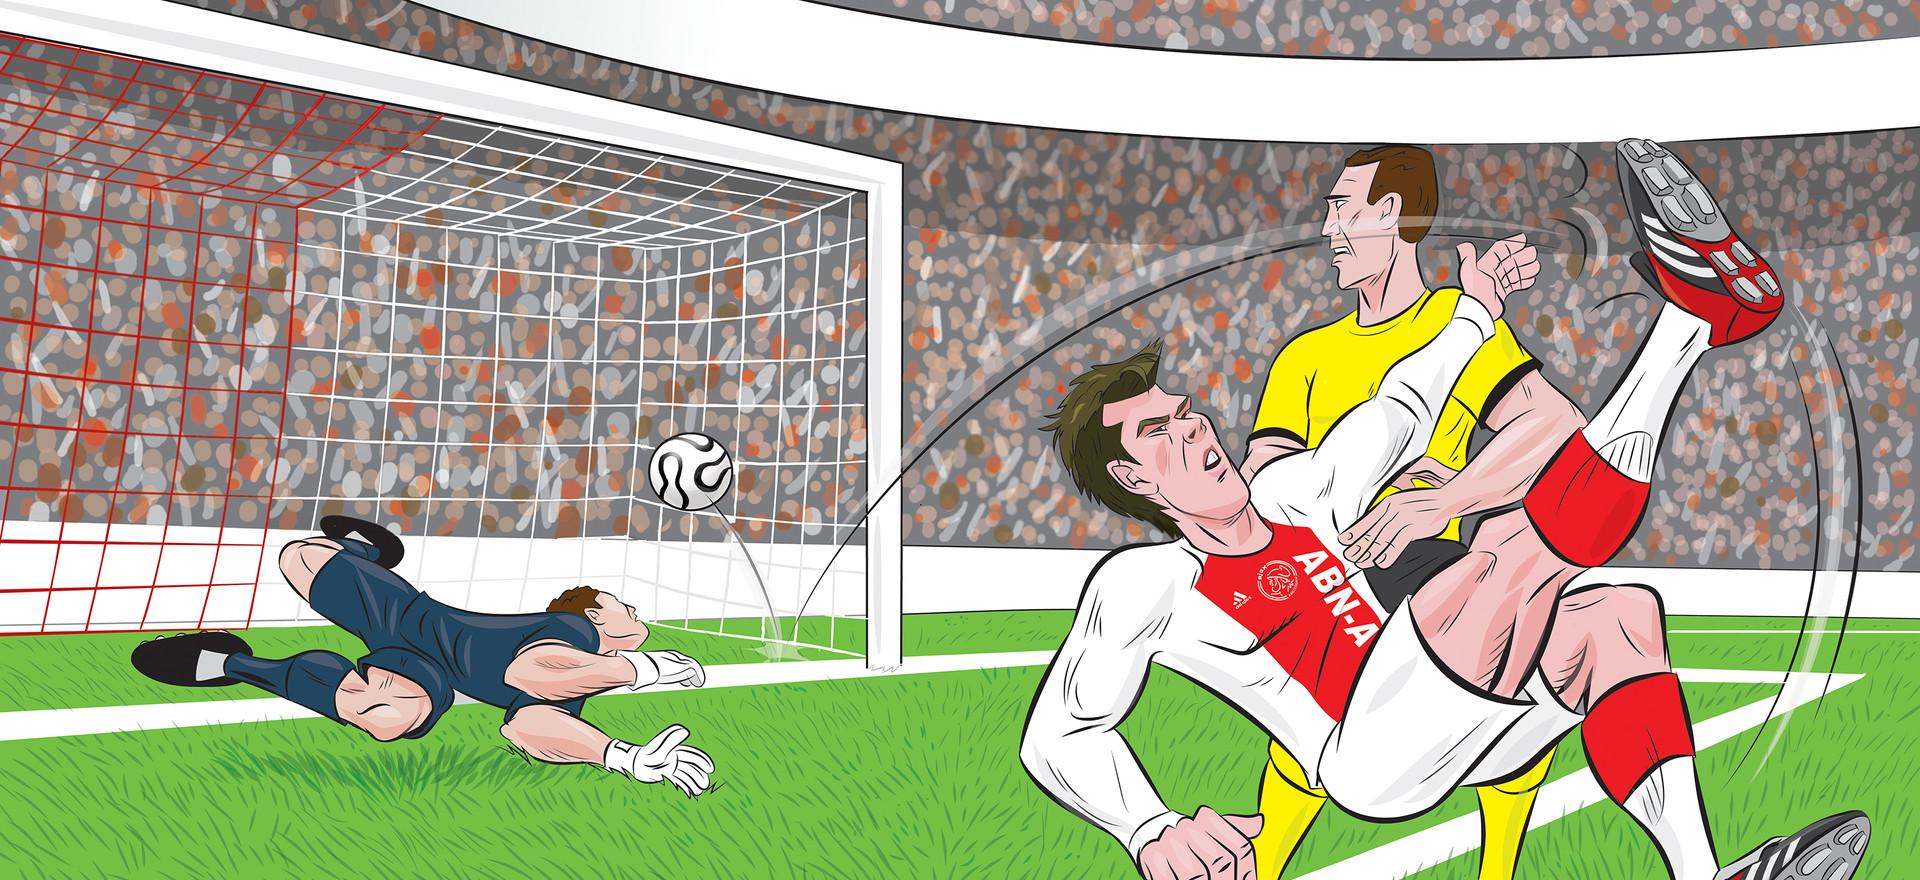 Illustration_Huntelaar Ajax Article